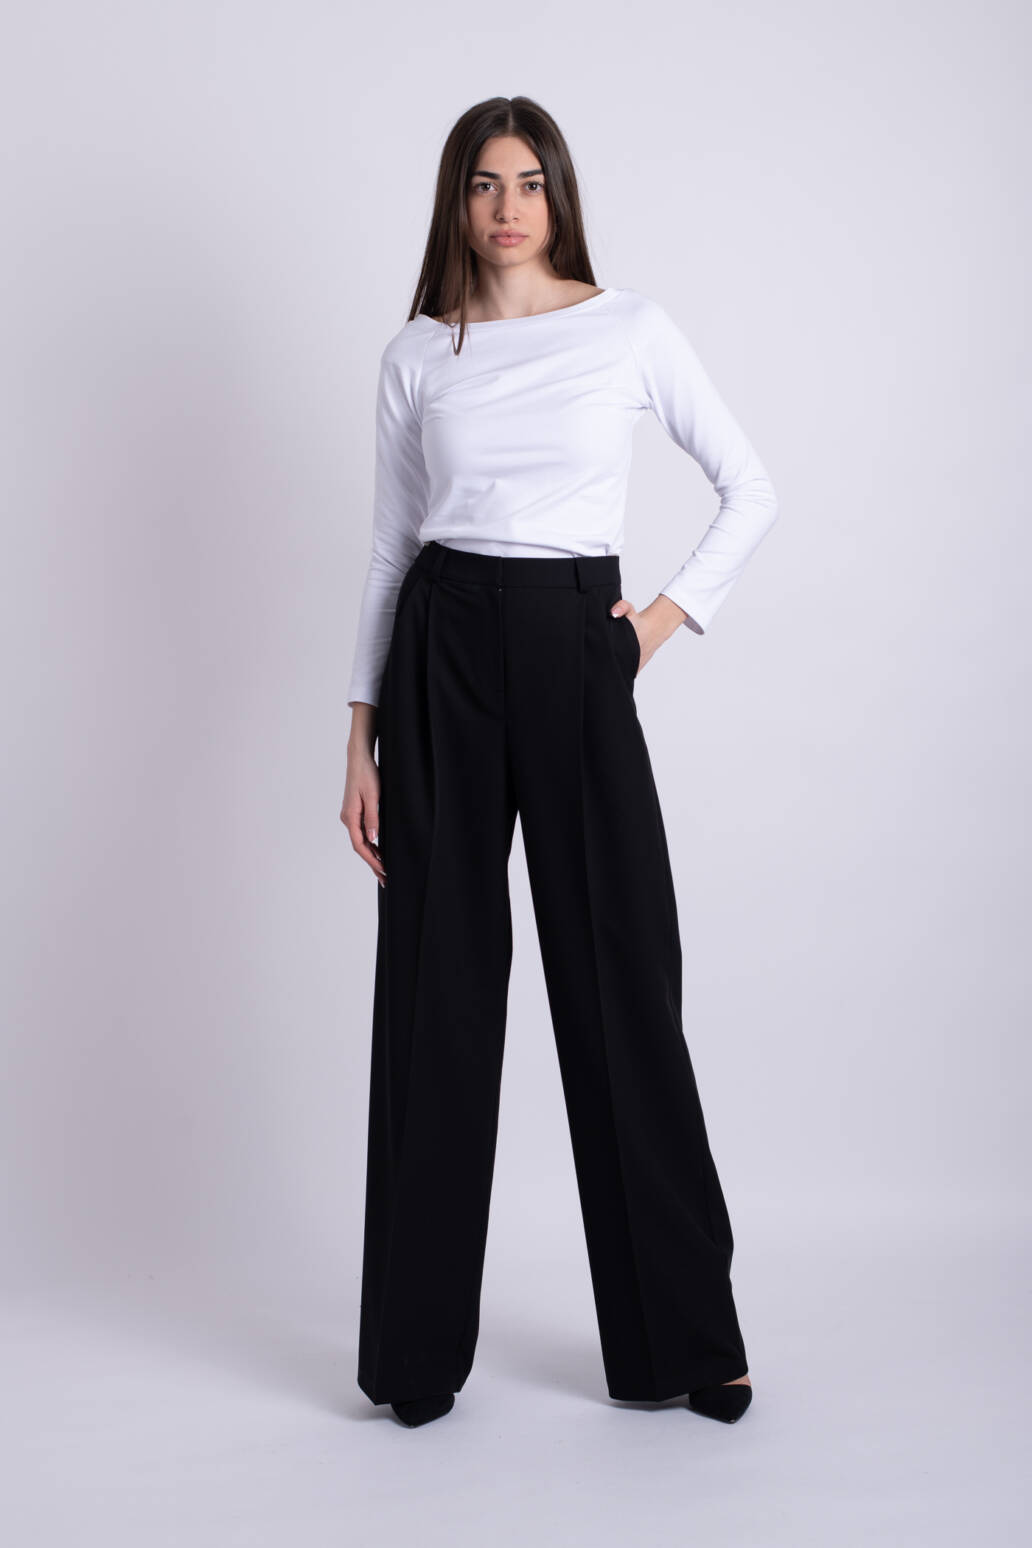 pantaloni negri ladonna uai